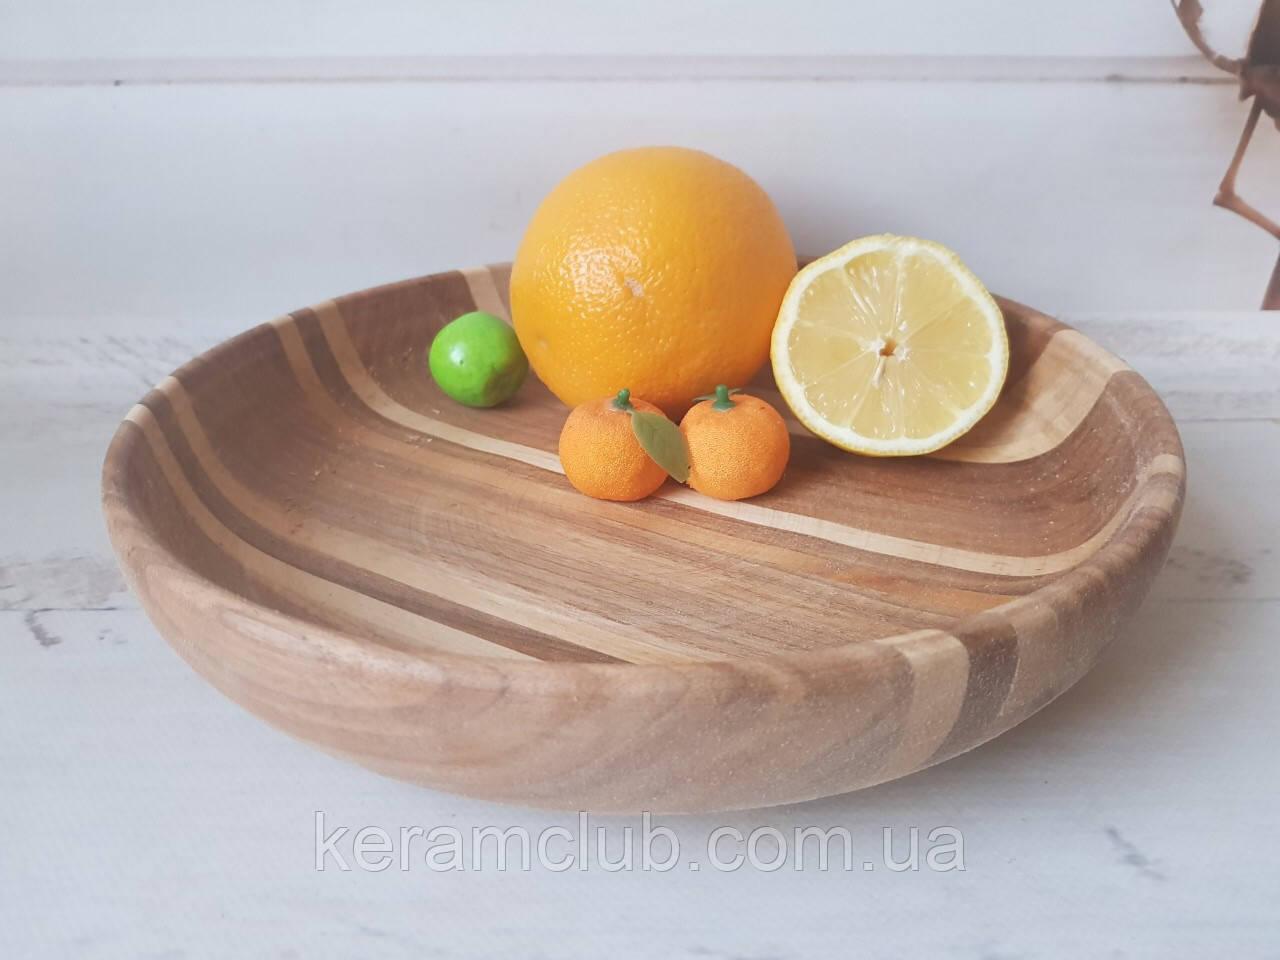 Деревянная тарелка d 30 см h 5 см